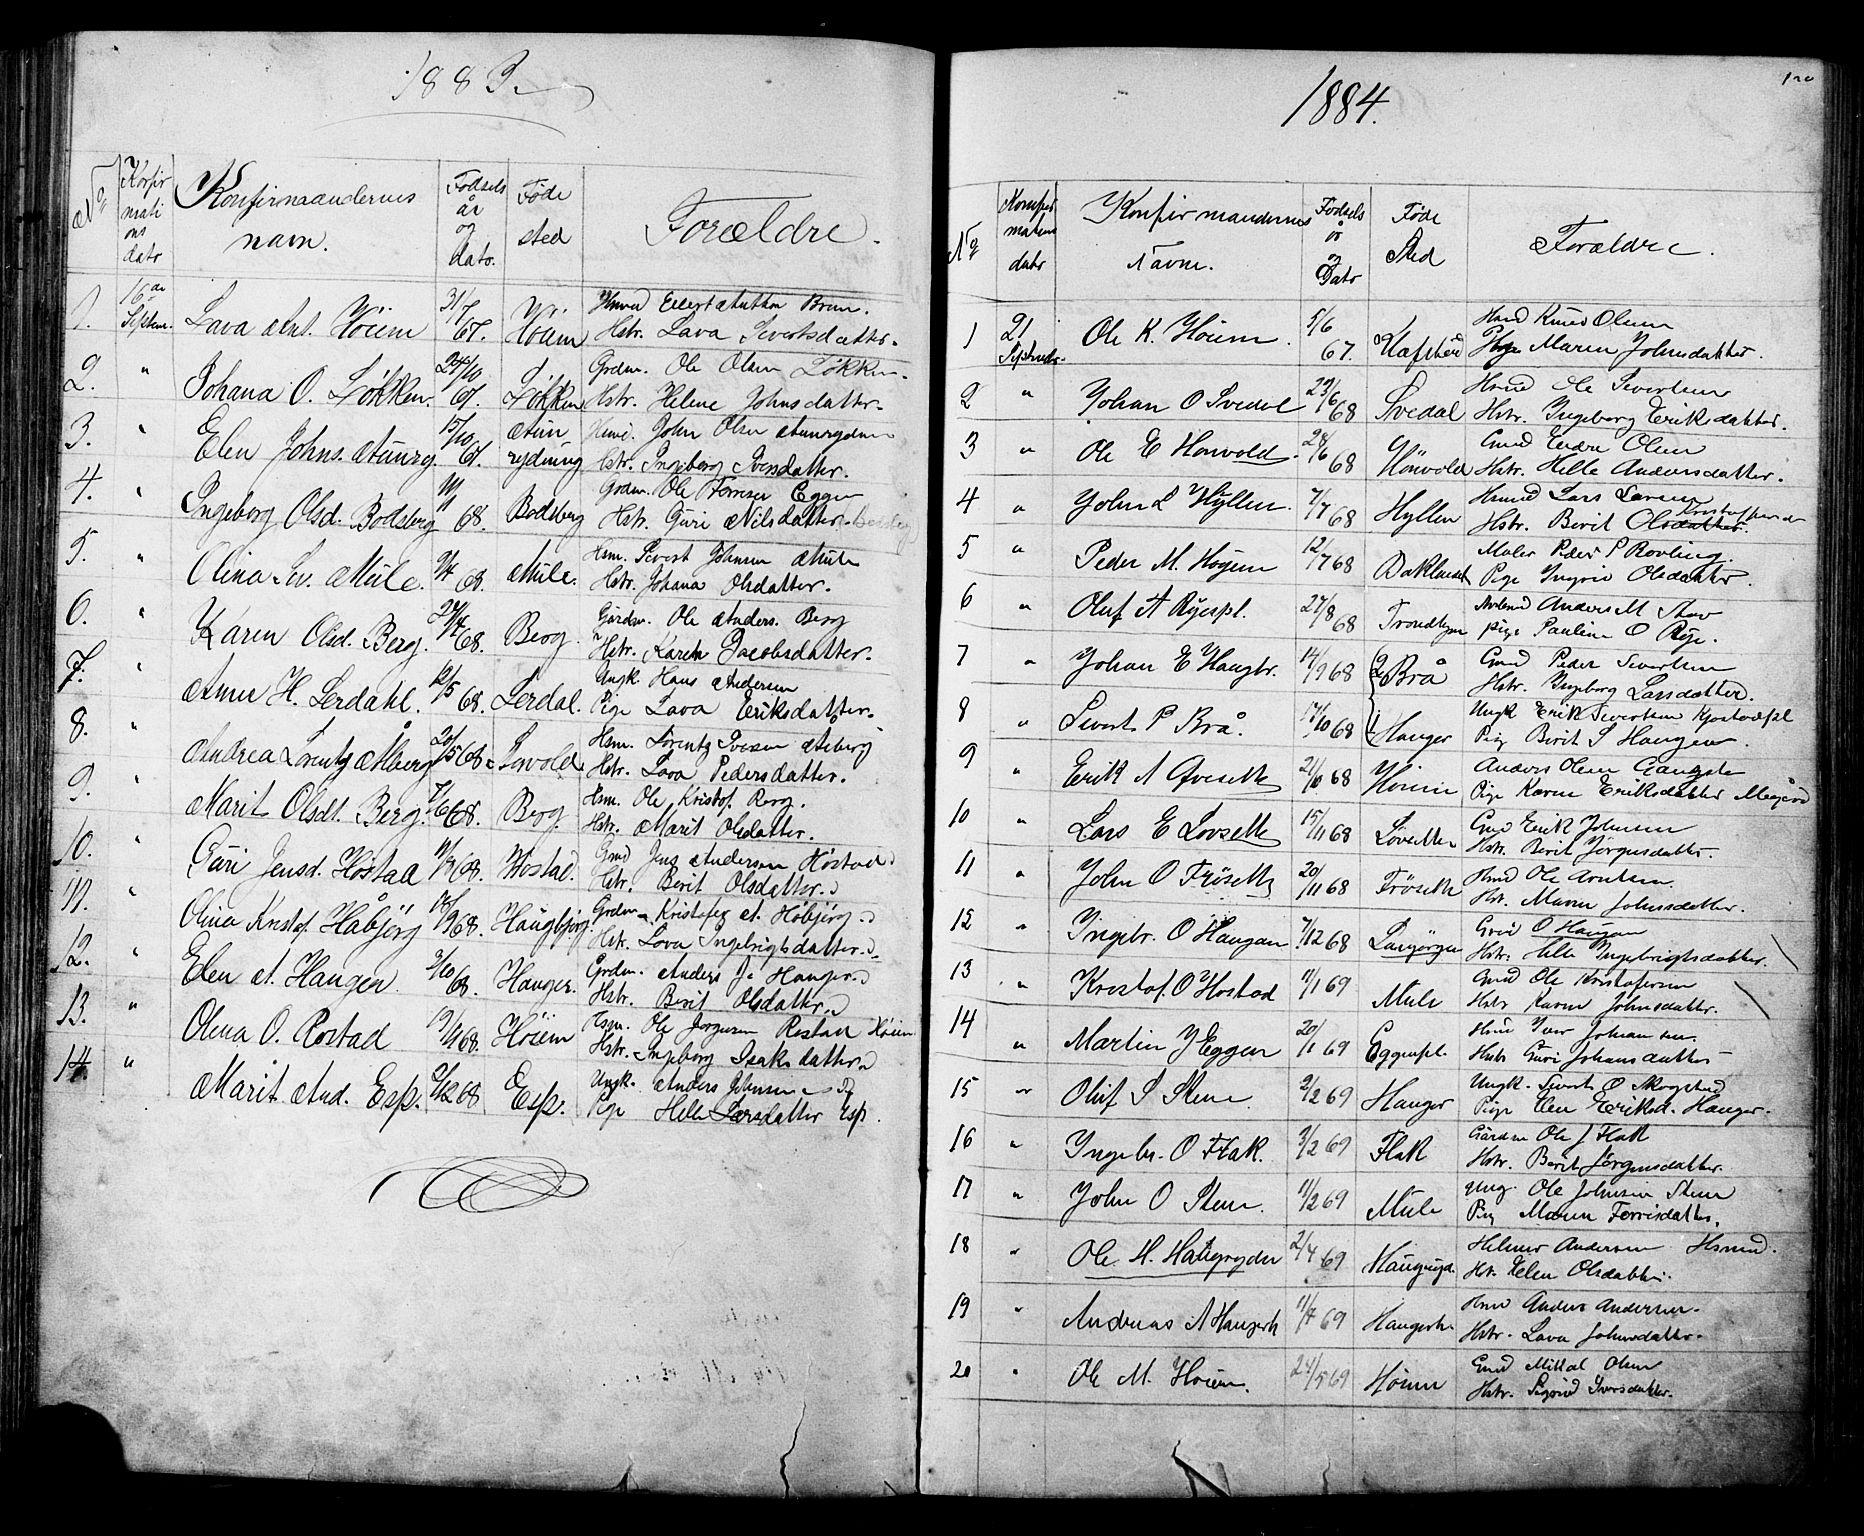 SAT, Ministerialprotokoller, klokkerbøker og fødselsregistre - Sør-Trøndelag, 612/L0387: Klokkerbok nr. 612C03, 1874-1908, s. 120